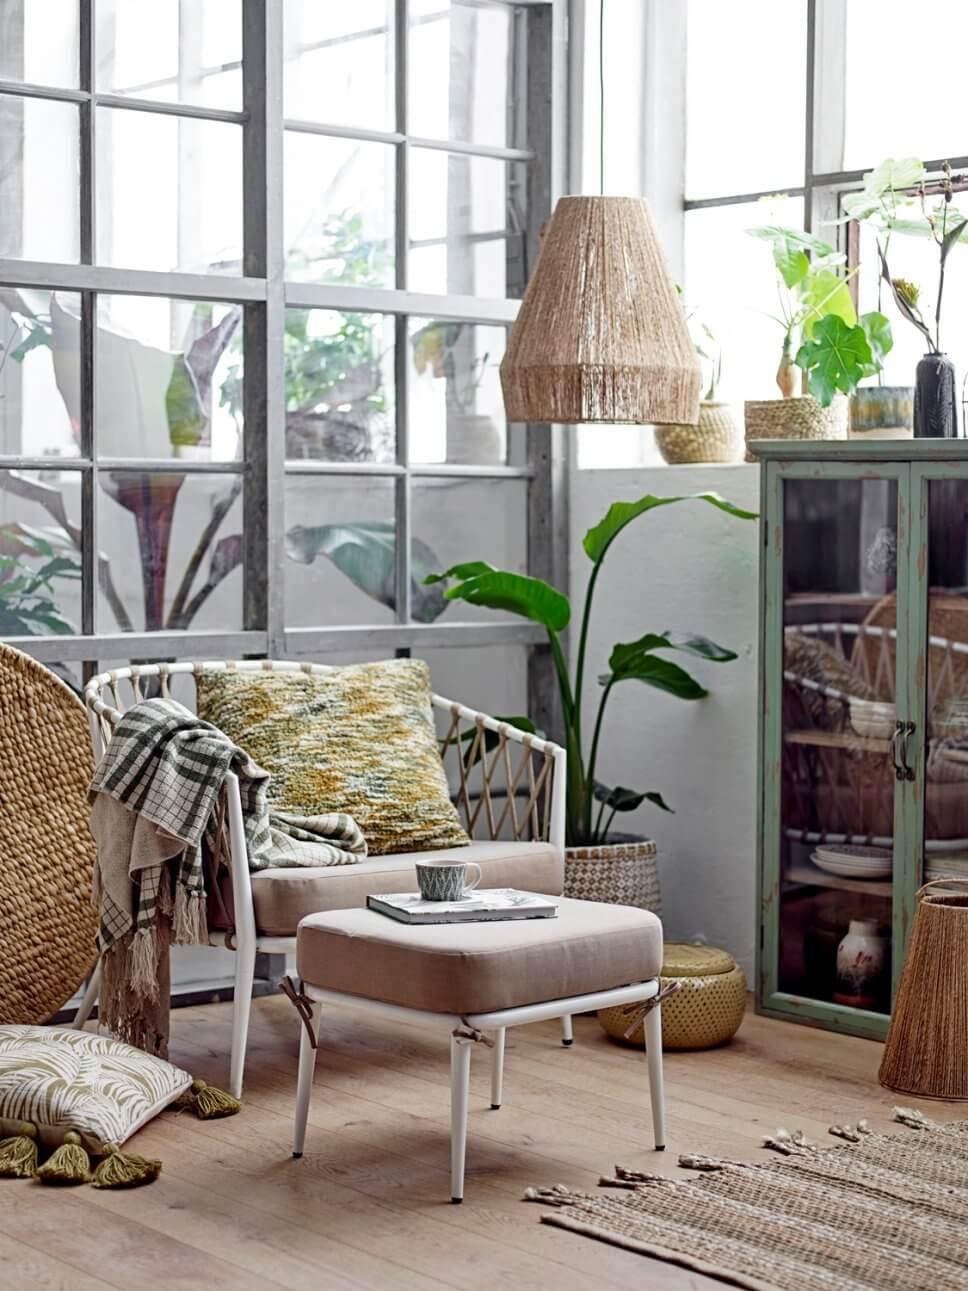 Sessel mit Fußhocker vor Sprossenfenster